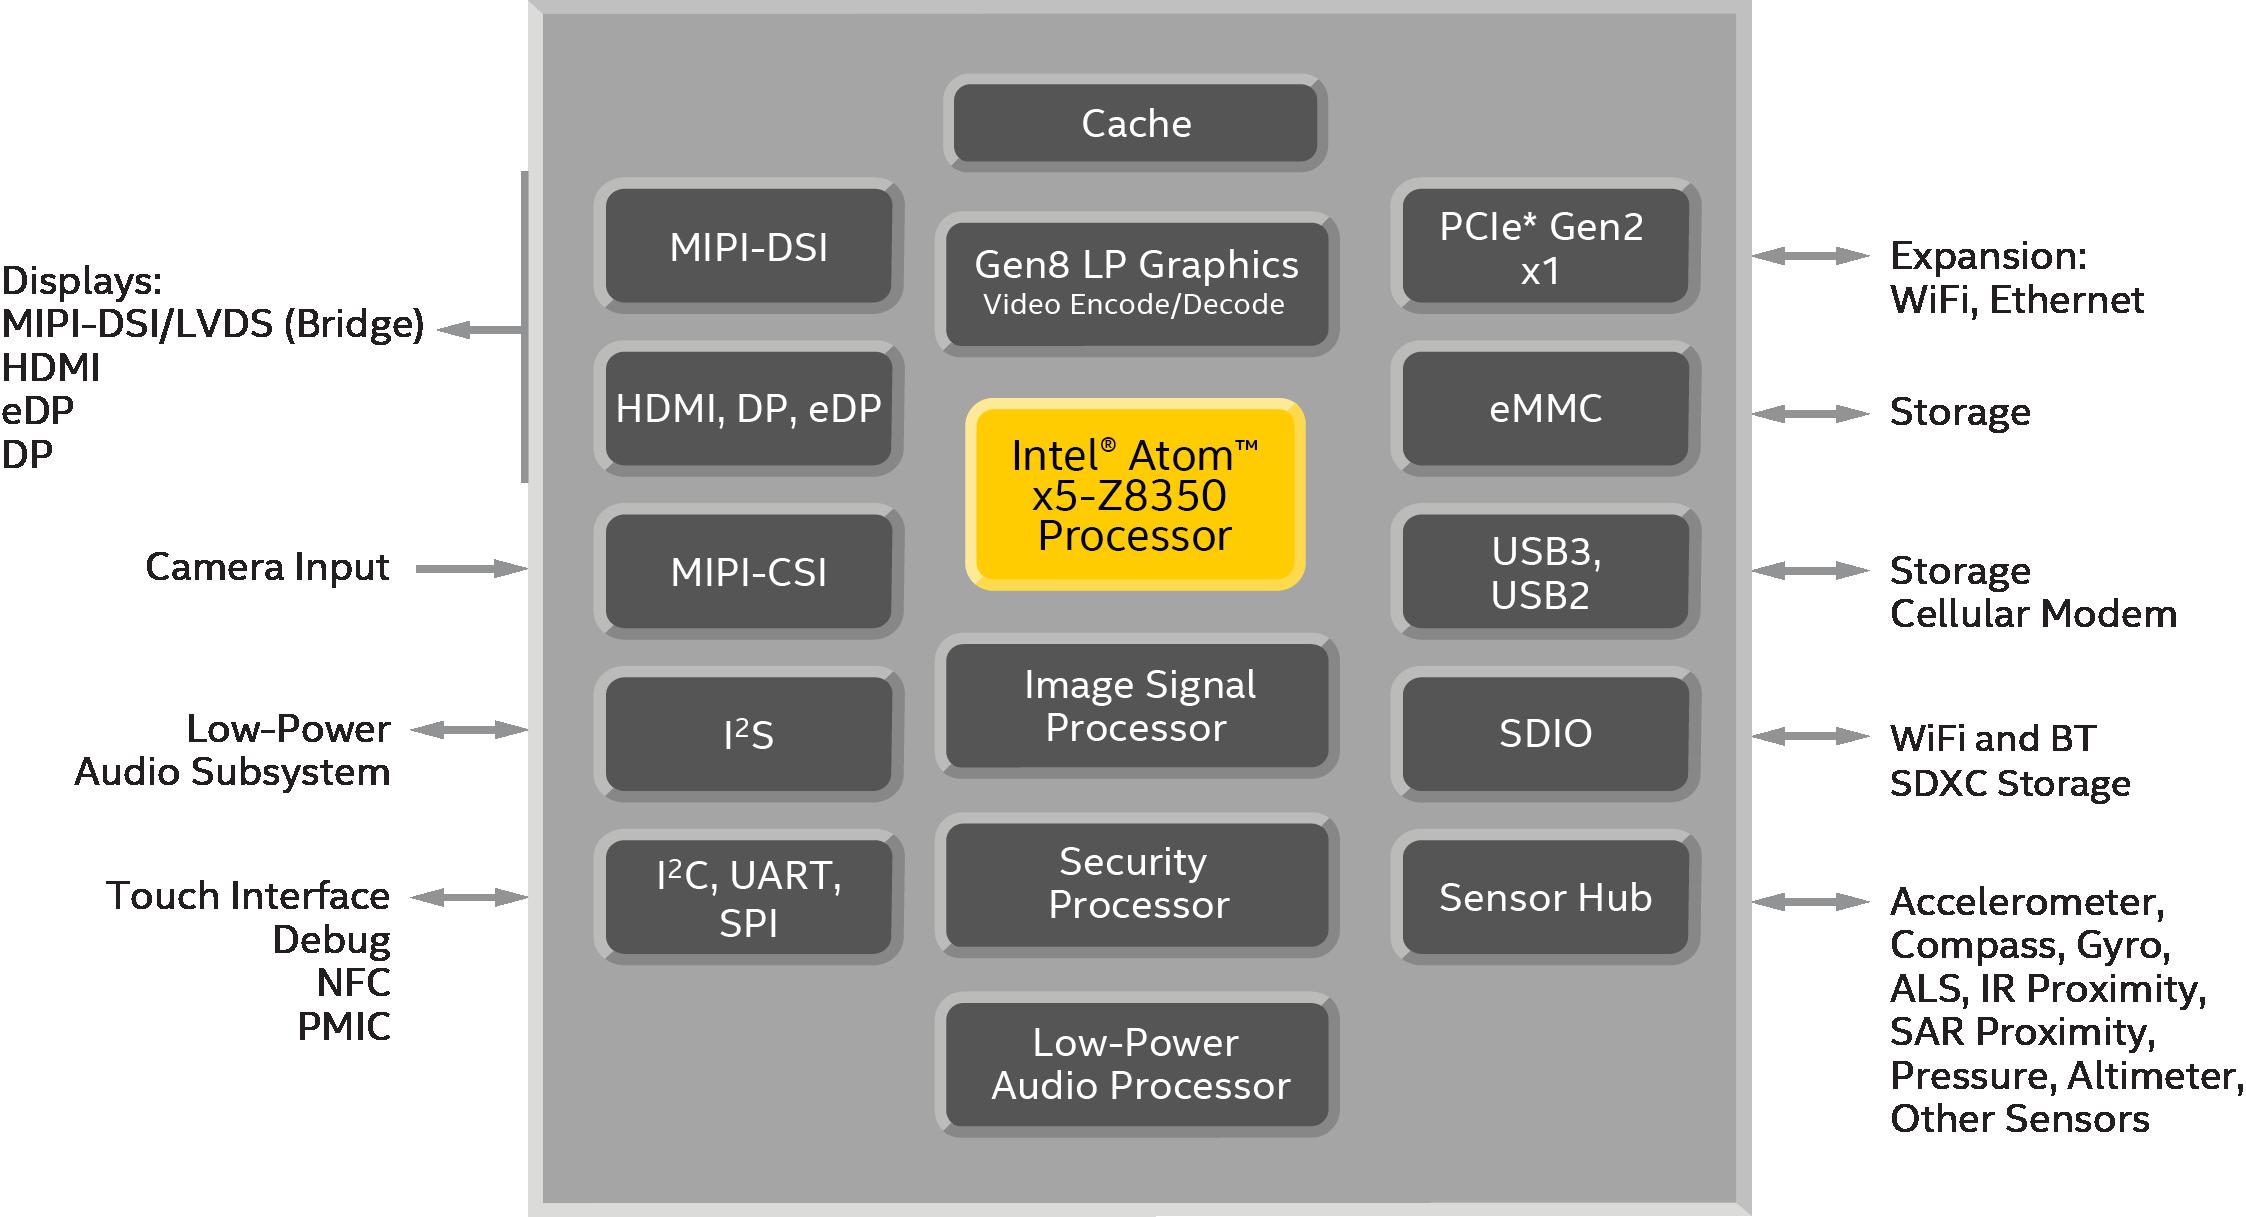 Intel pentium celeron atom processorsspecifications intel atom x5 processor z8350 block diagram ccuart Images